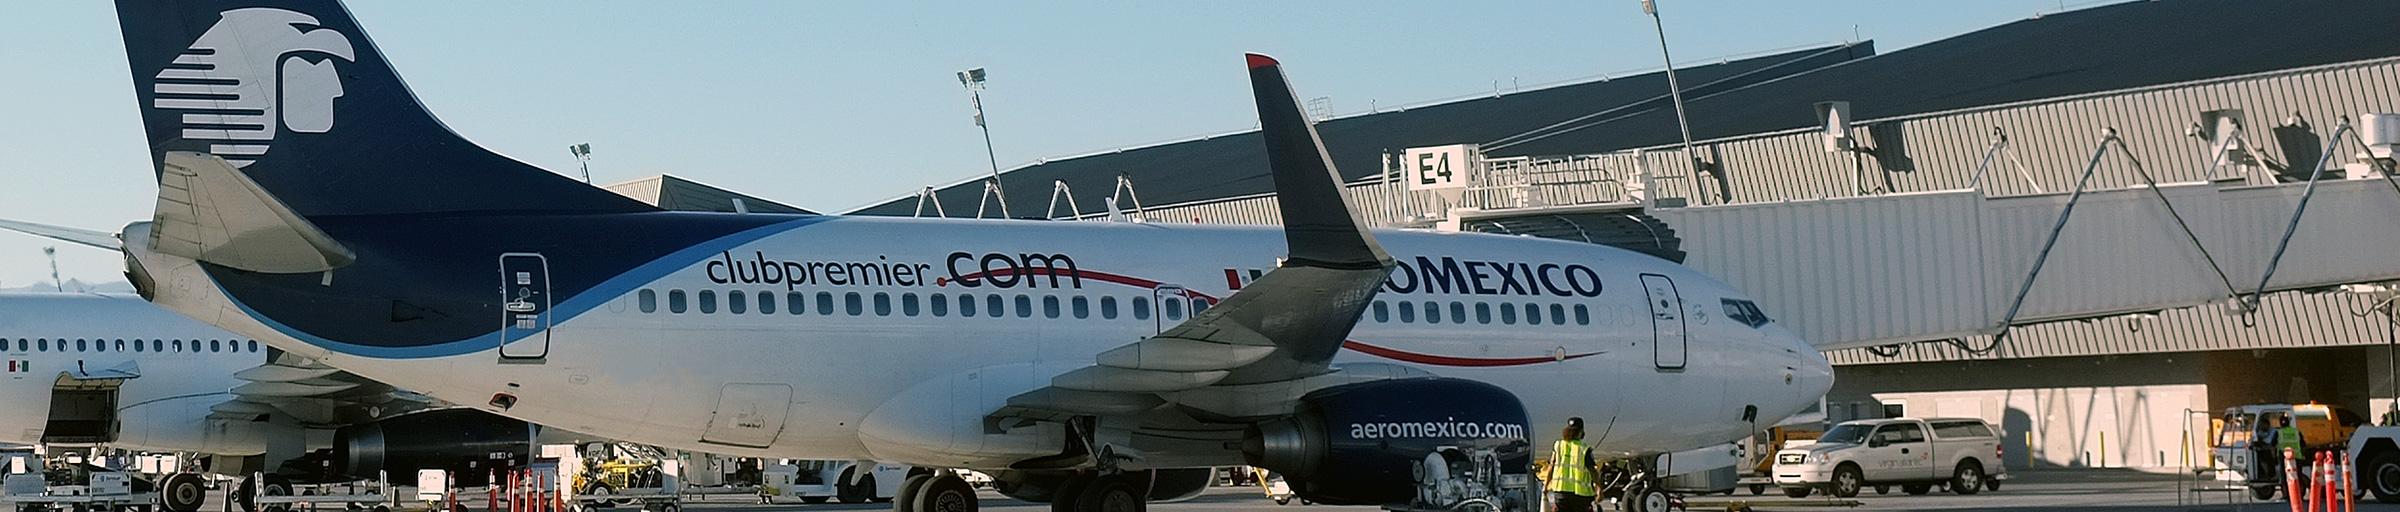 AeroMexico at McCarran